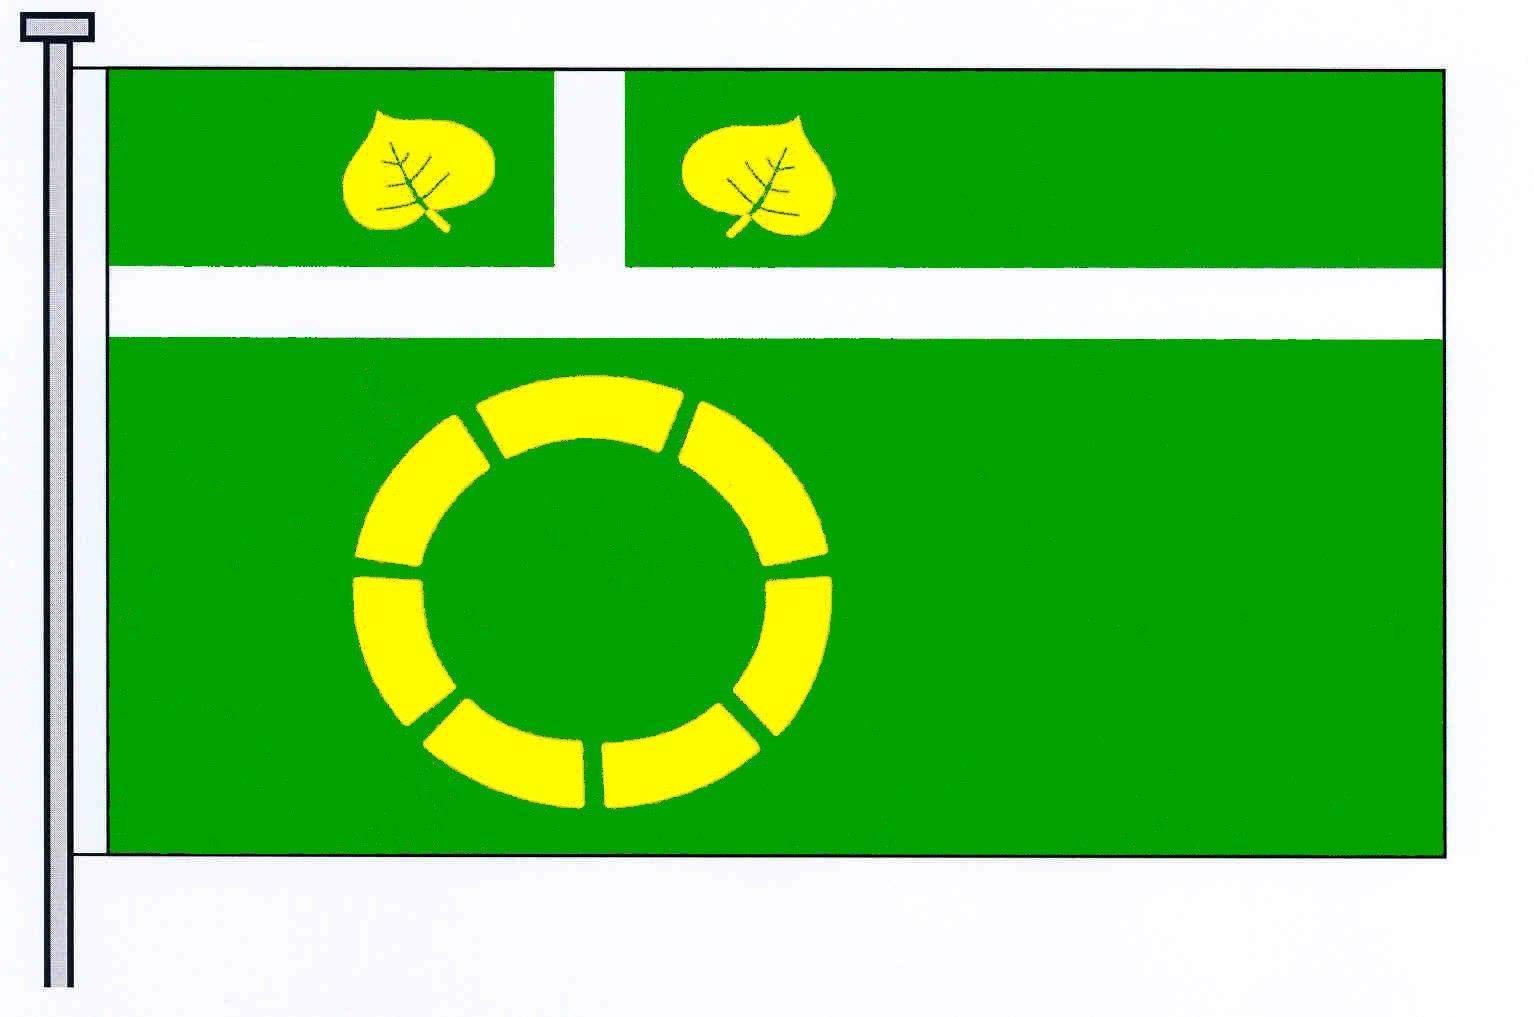 Flagge GemeindeOering, Kreis Segeberg